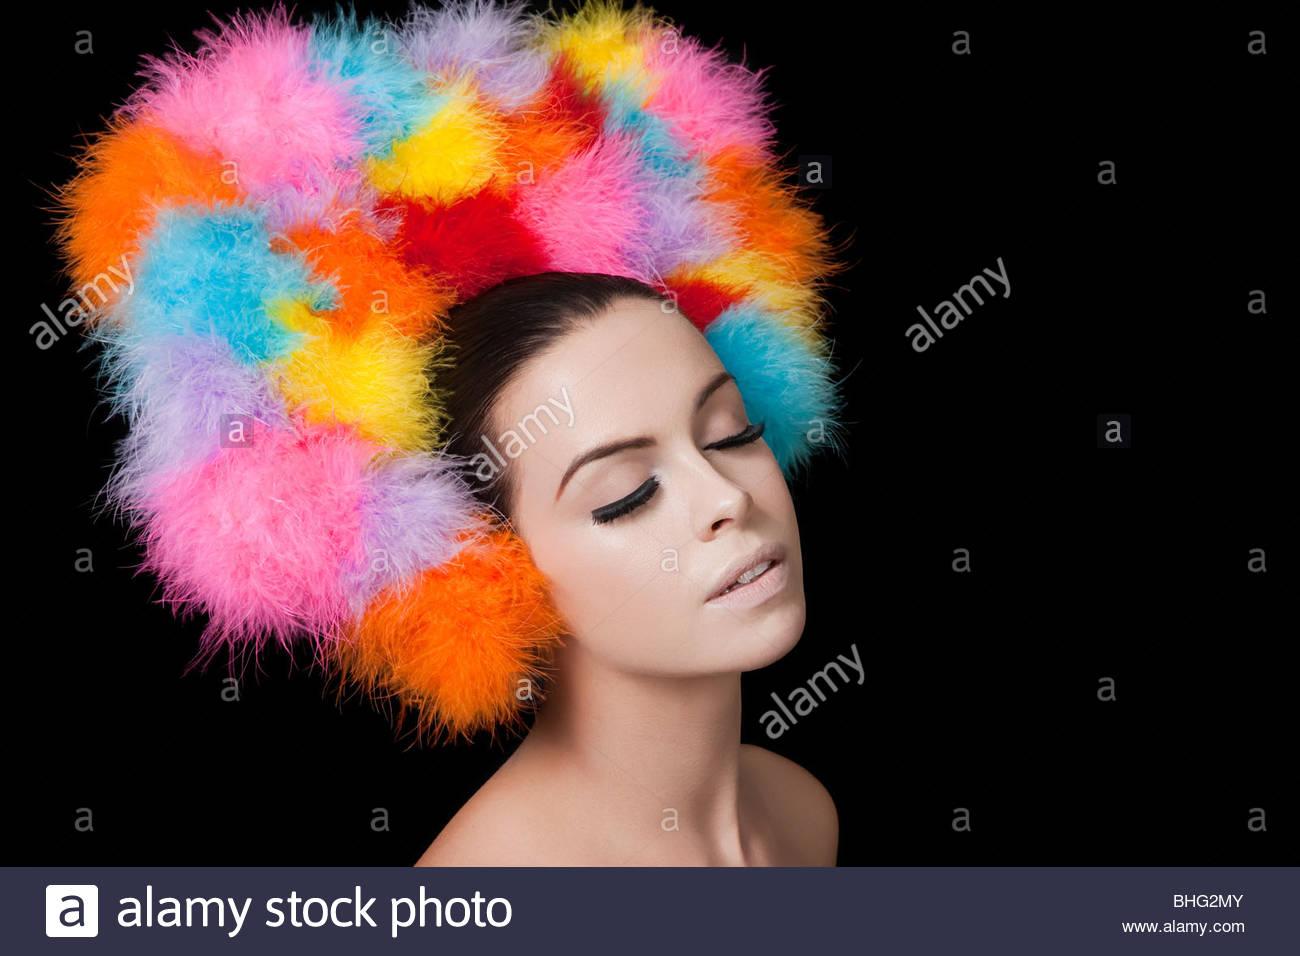 Joven mujer vistiendo coloridos sombreros Imagen De Stock